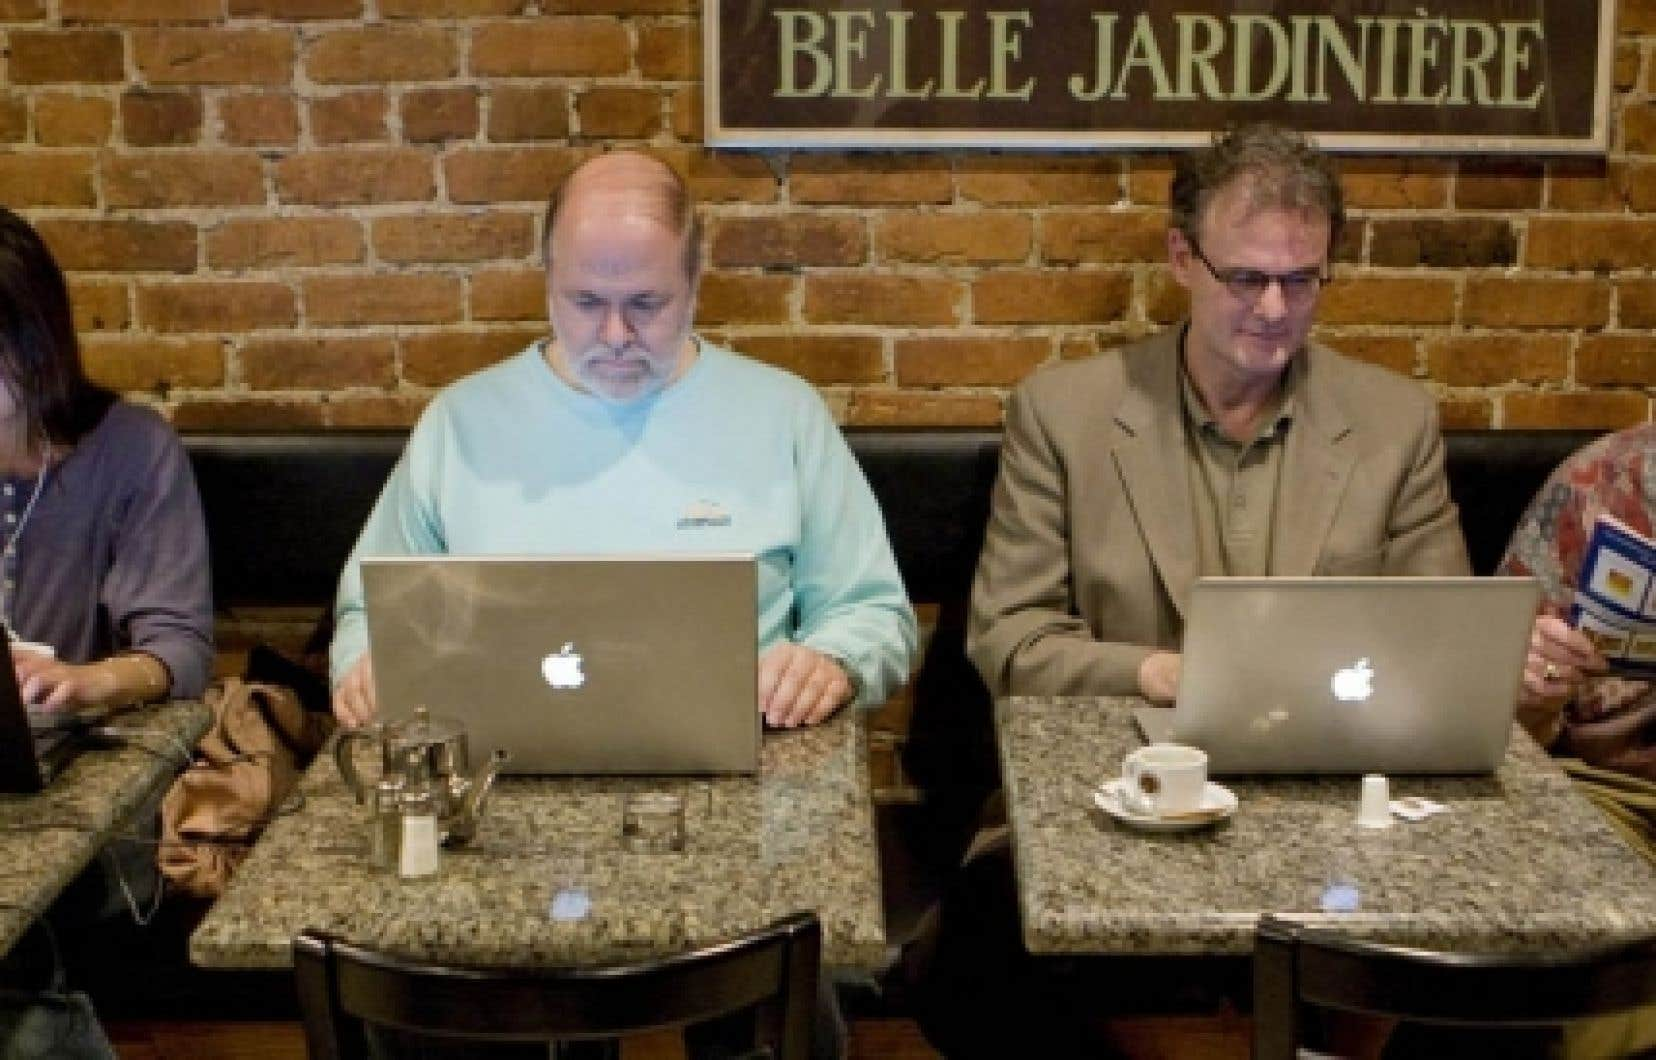 Les technologies de l'information souffrent au Québec d'un manque d'investissements.